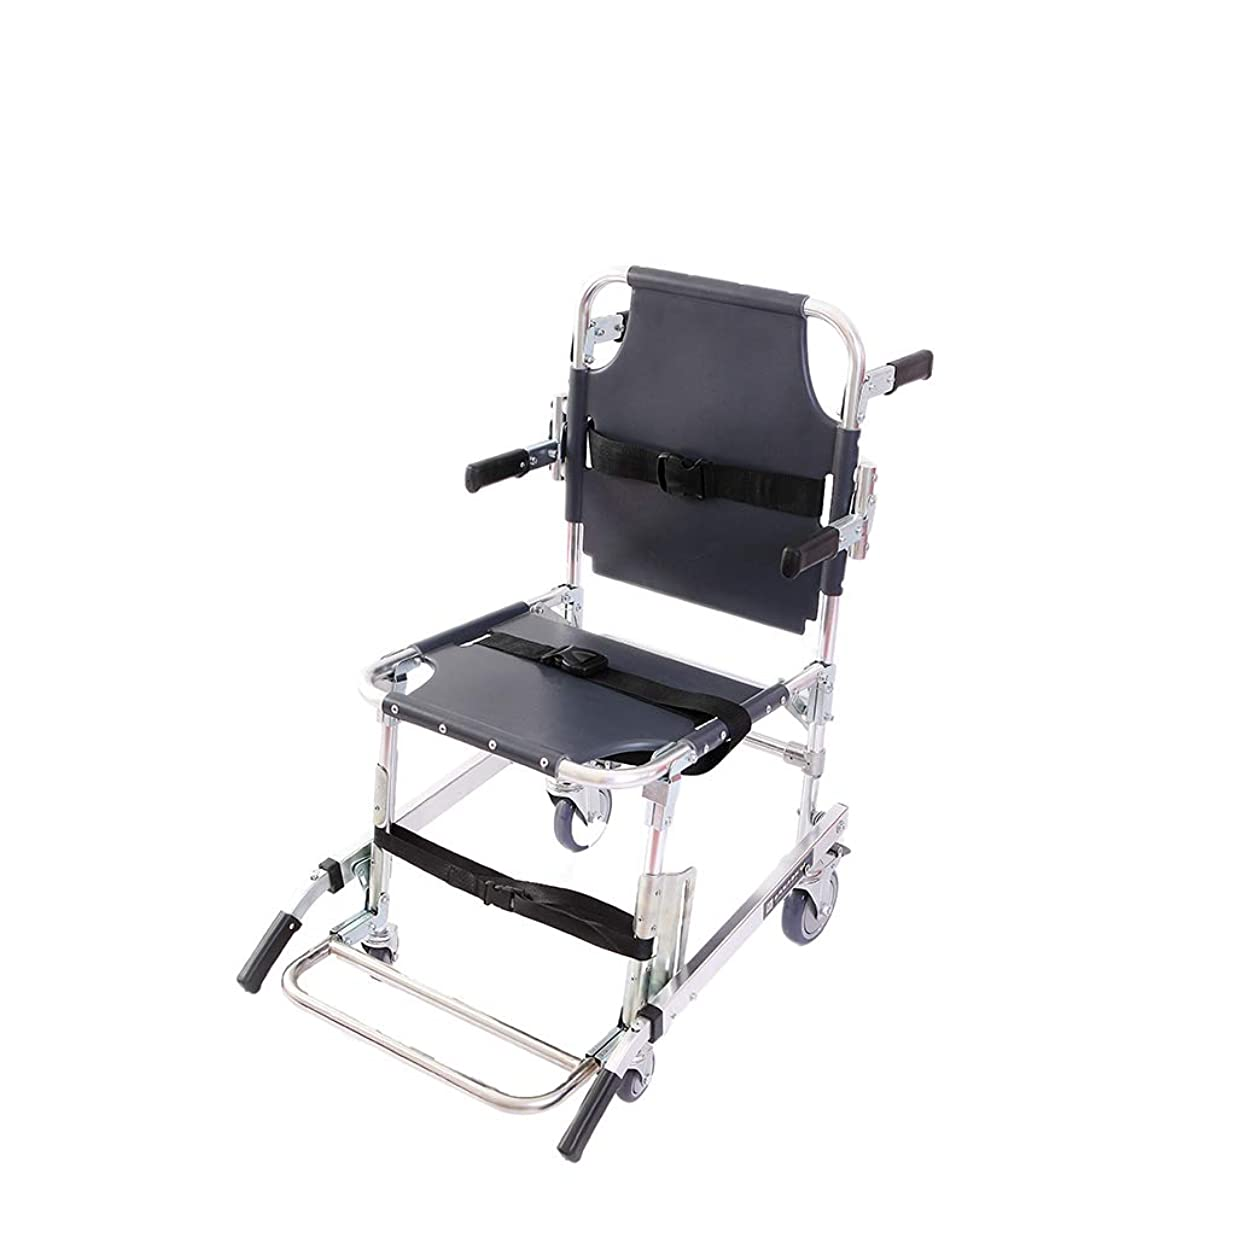 ニッケルディレイご近所階段椅子、アルミニウムの軽量2ホイールクイックリリースバックル、350ポンド容量のリフト付き医療輸送椅子